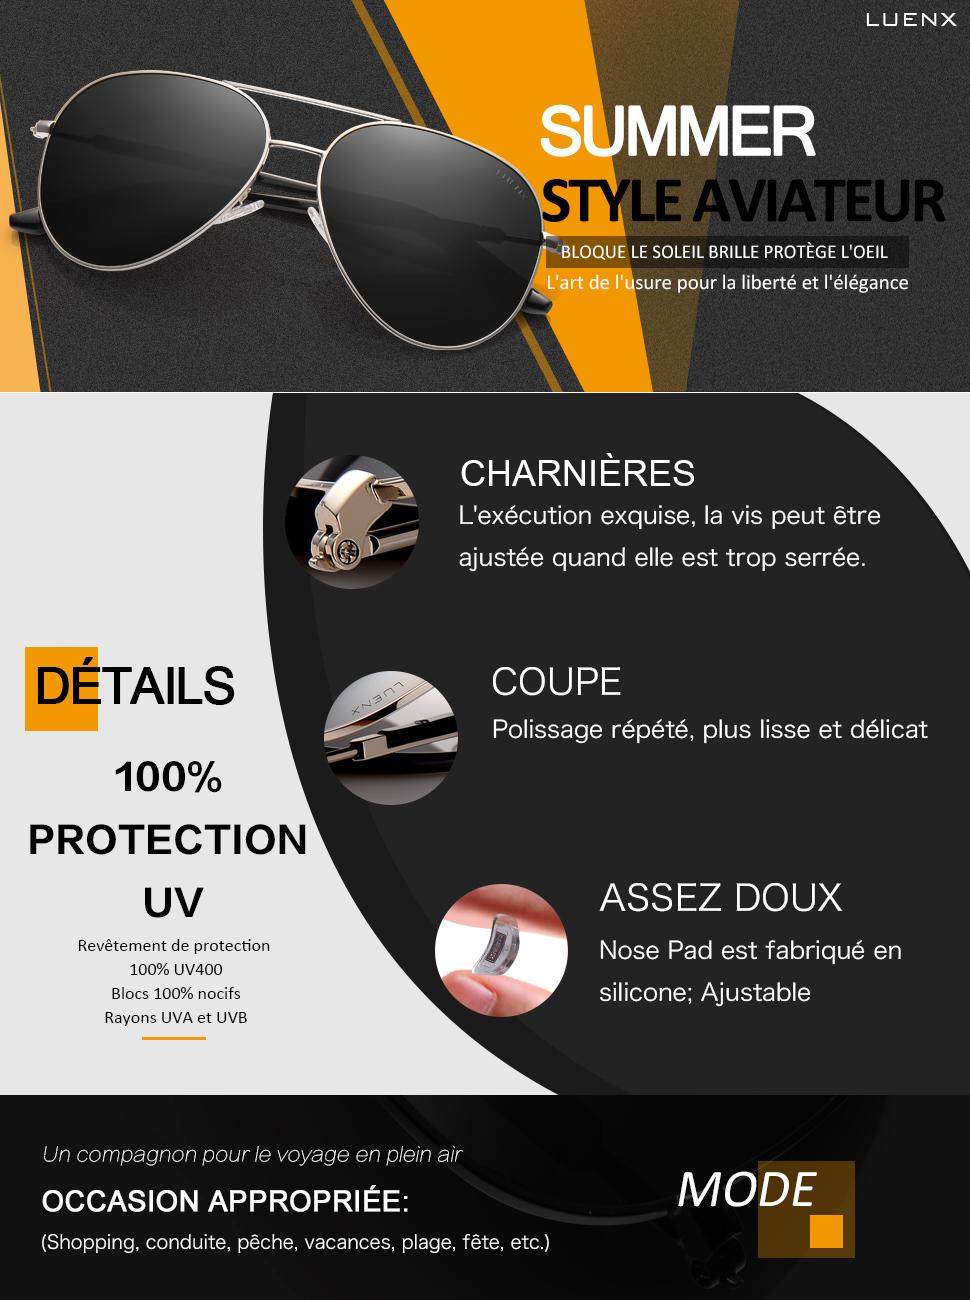 De Avec Étui Homme Poids Polarisé Lunettes Métal Soleil Monture Protection Léger 60m Luenx 400 Miroir Uv 0vmOPyNnw8